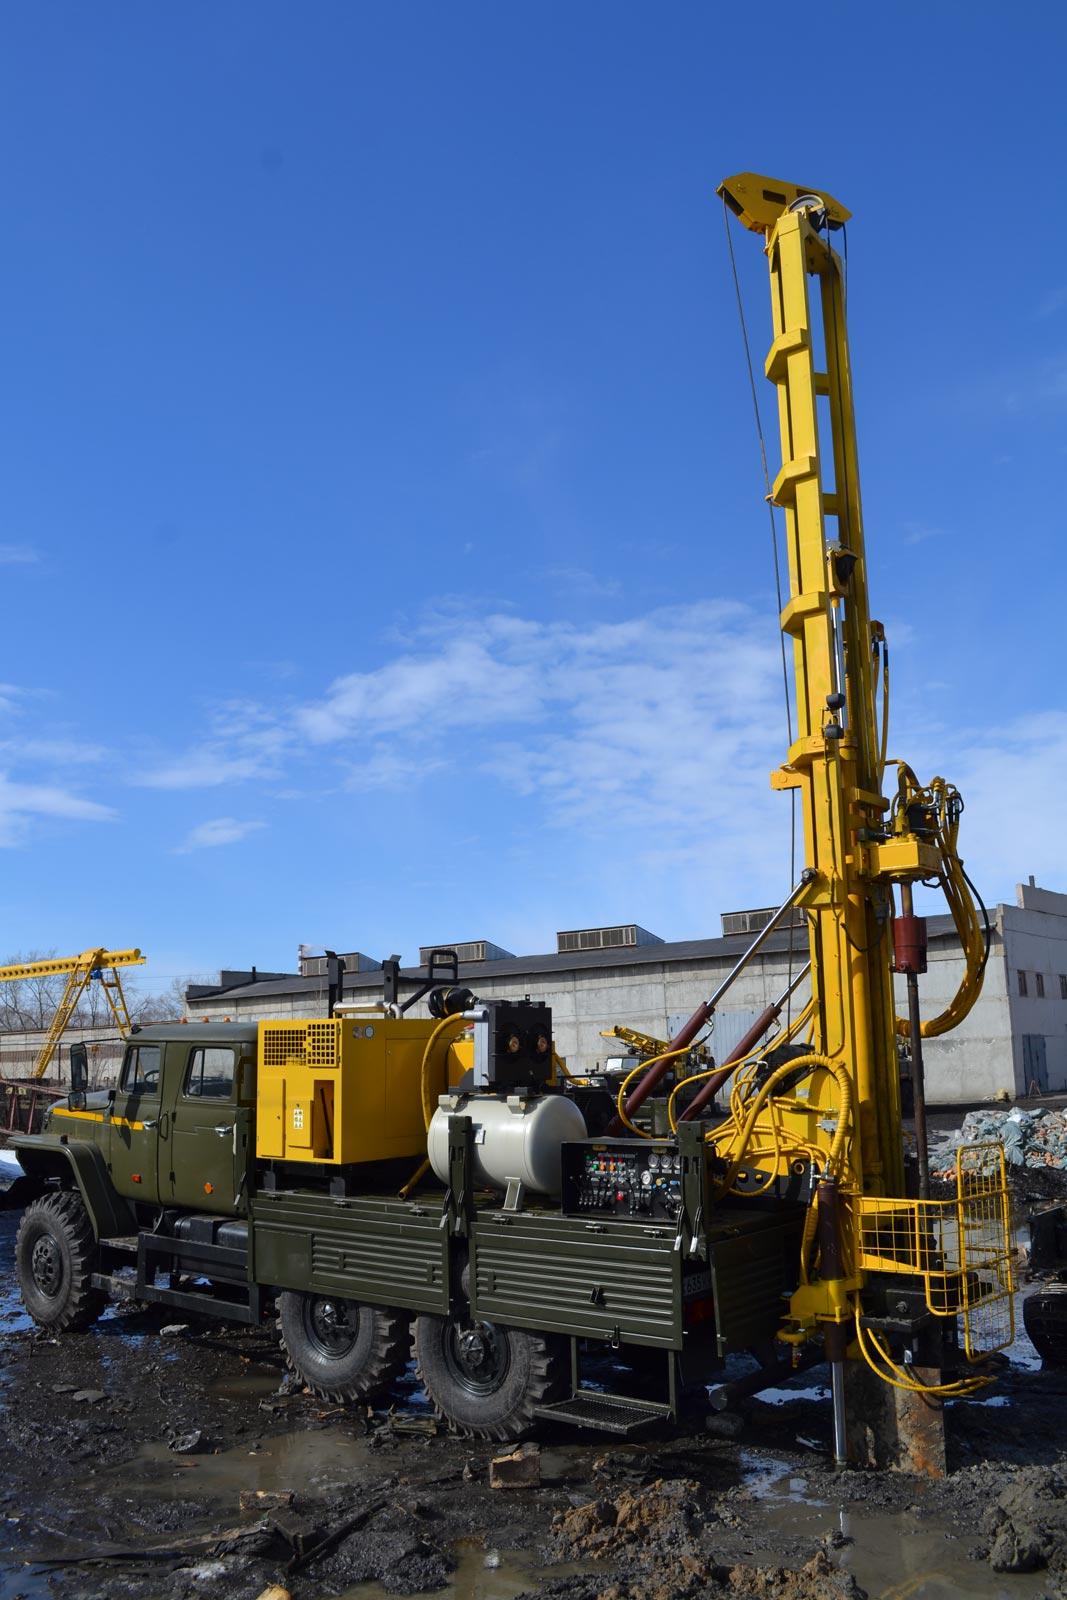 Установка буровая гидромеханизированная УБГМ-1Д на базе Урал 4320